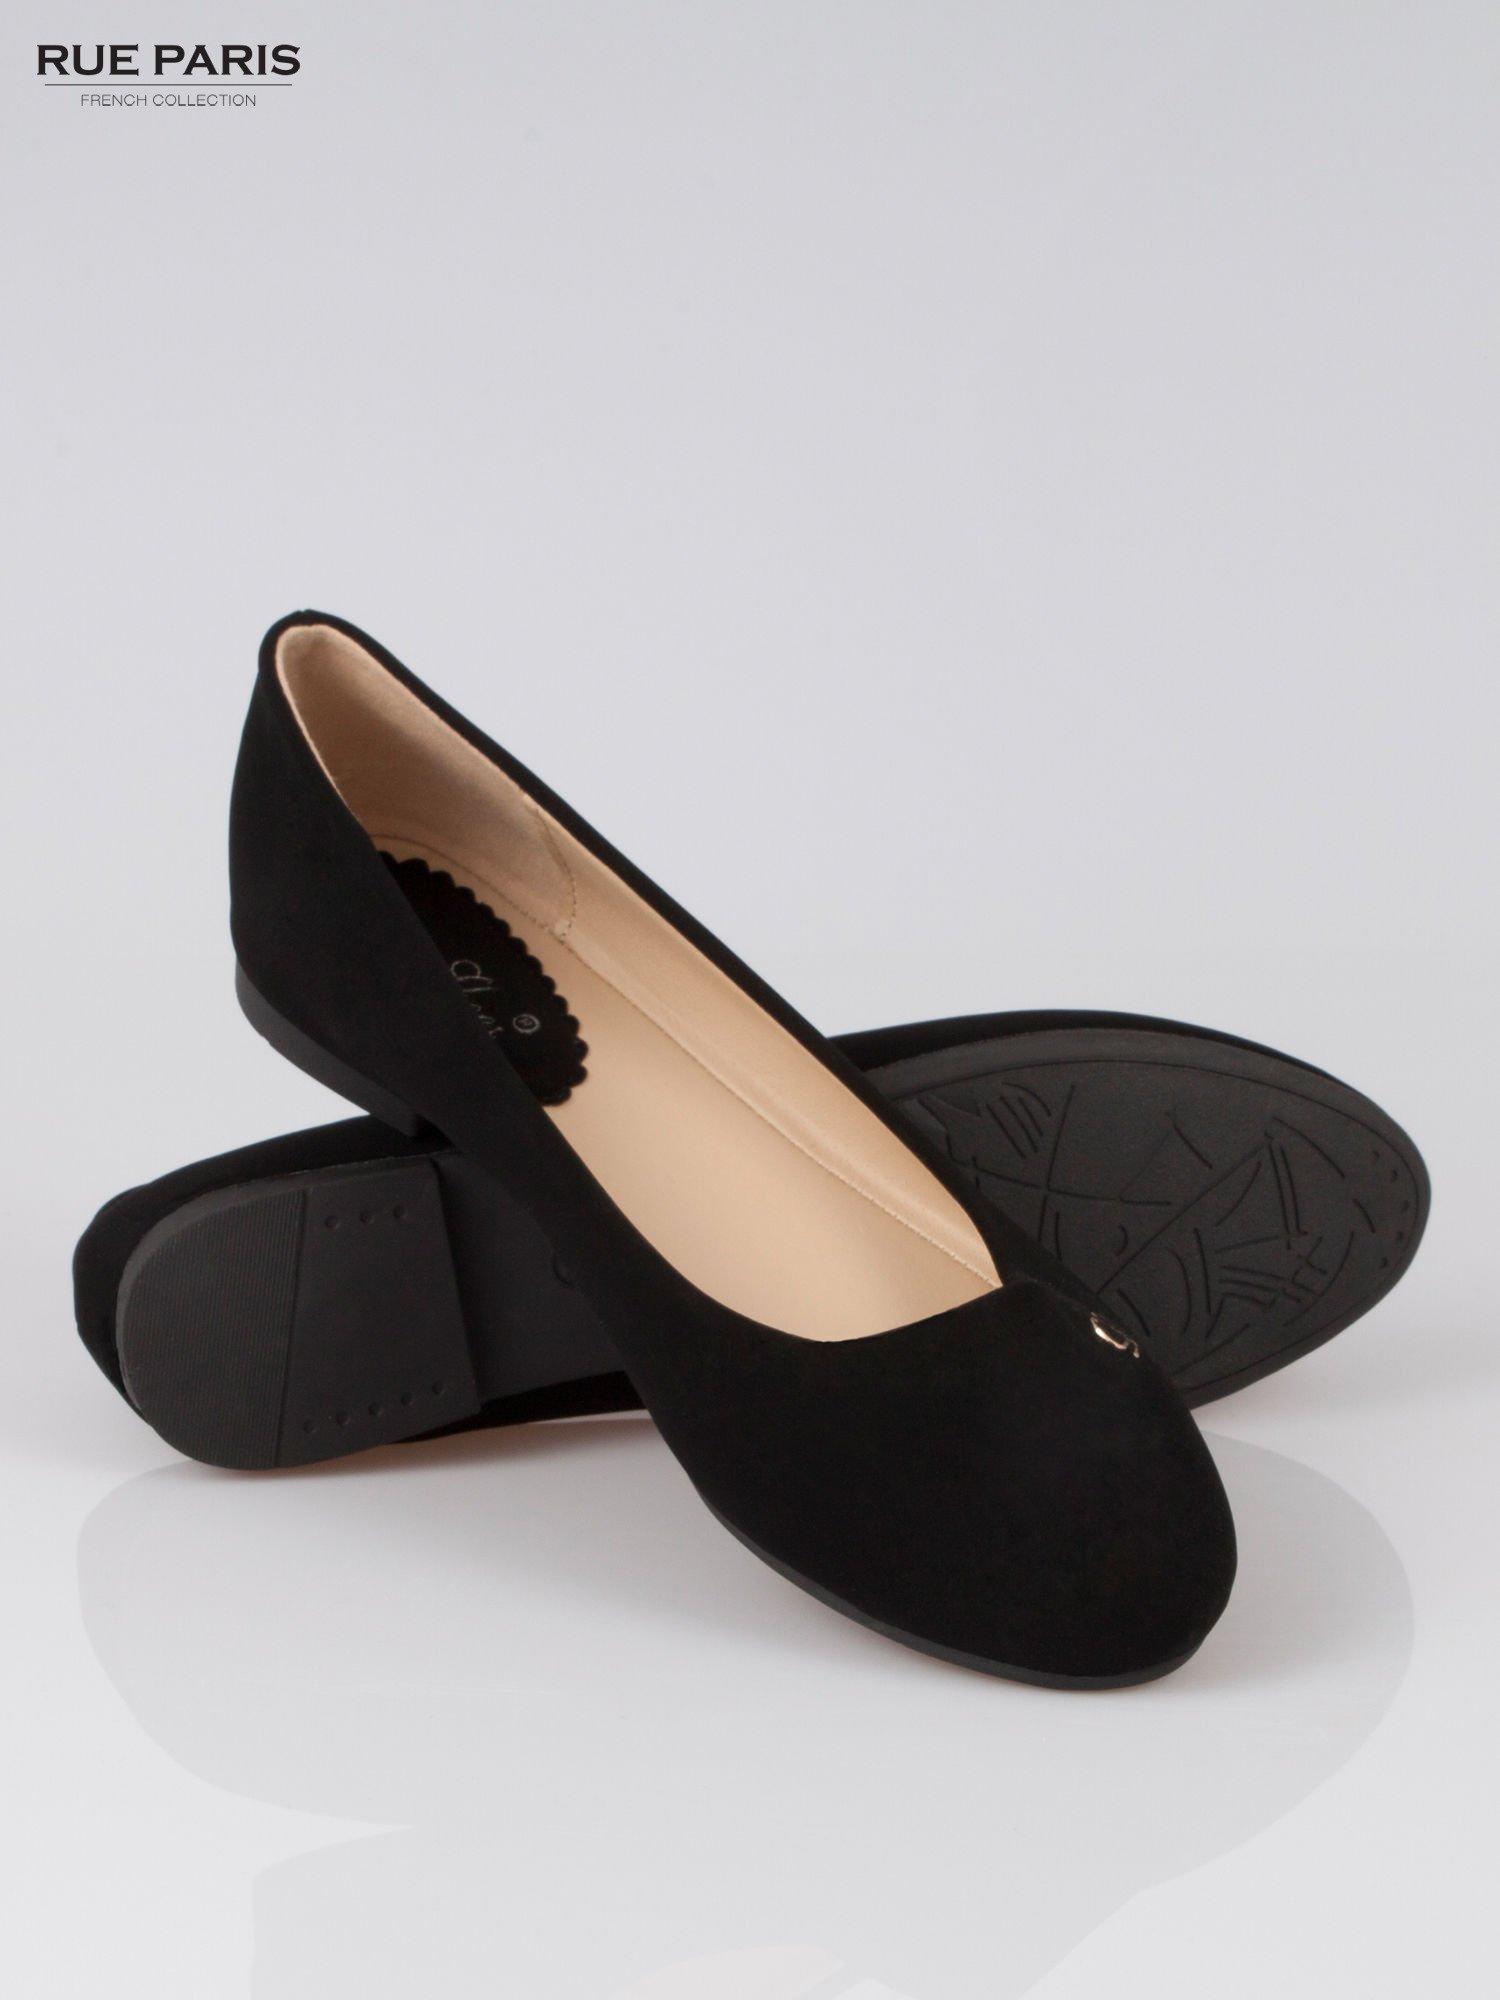 Czarne baleriny faux leather Honey ze złotym logo                                  zdj.                                  4